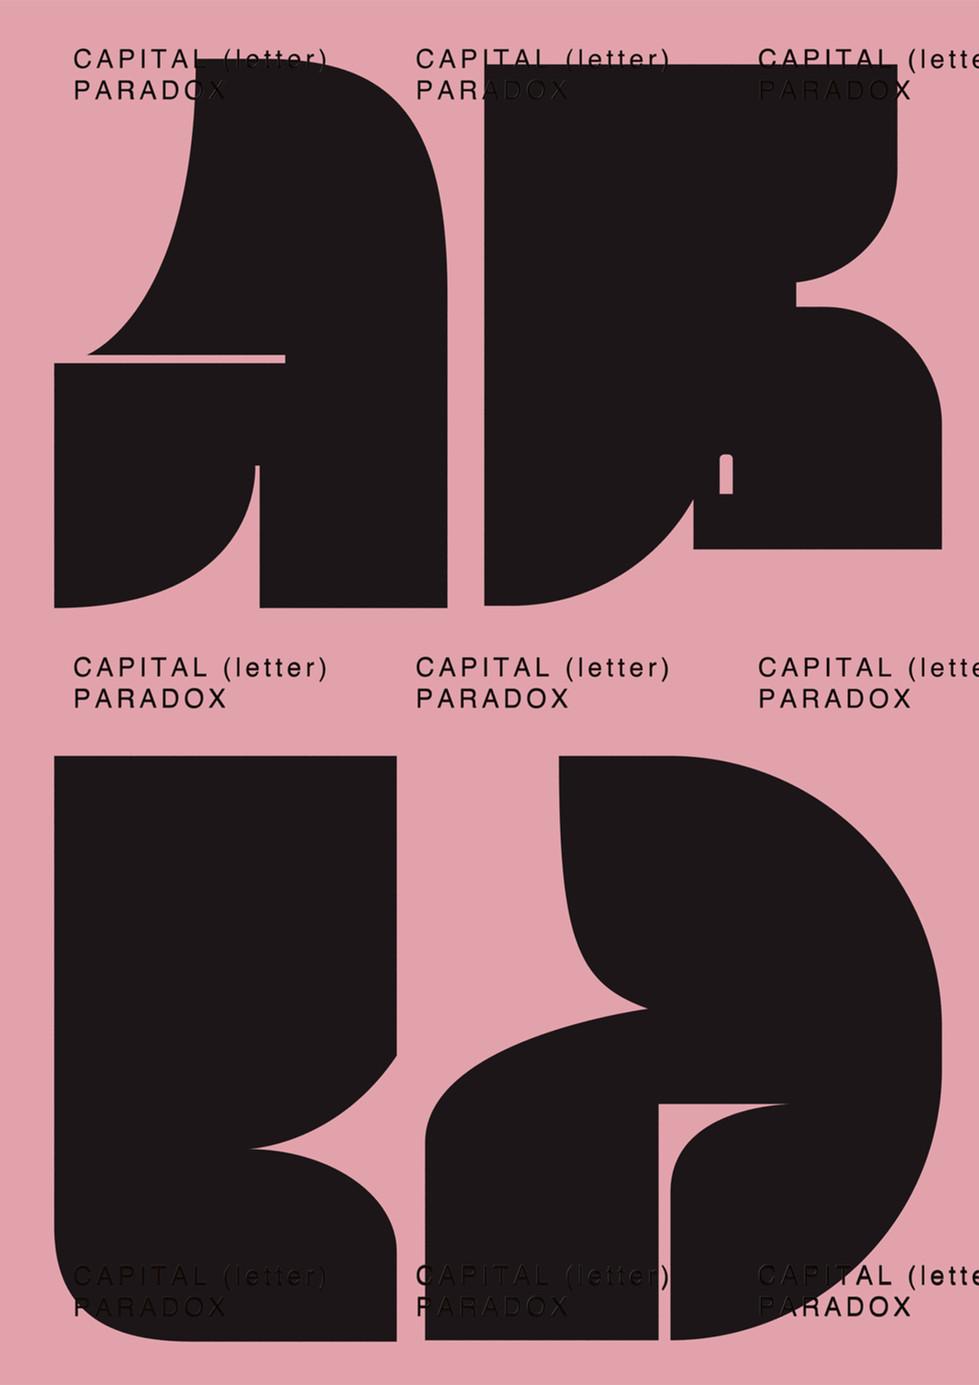 capital_in_image_02.jpg